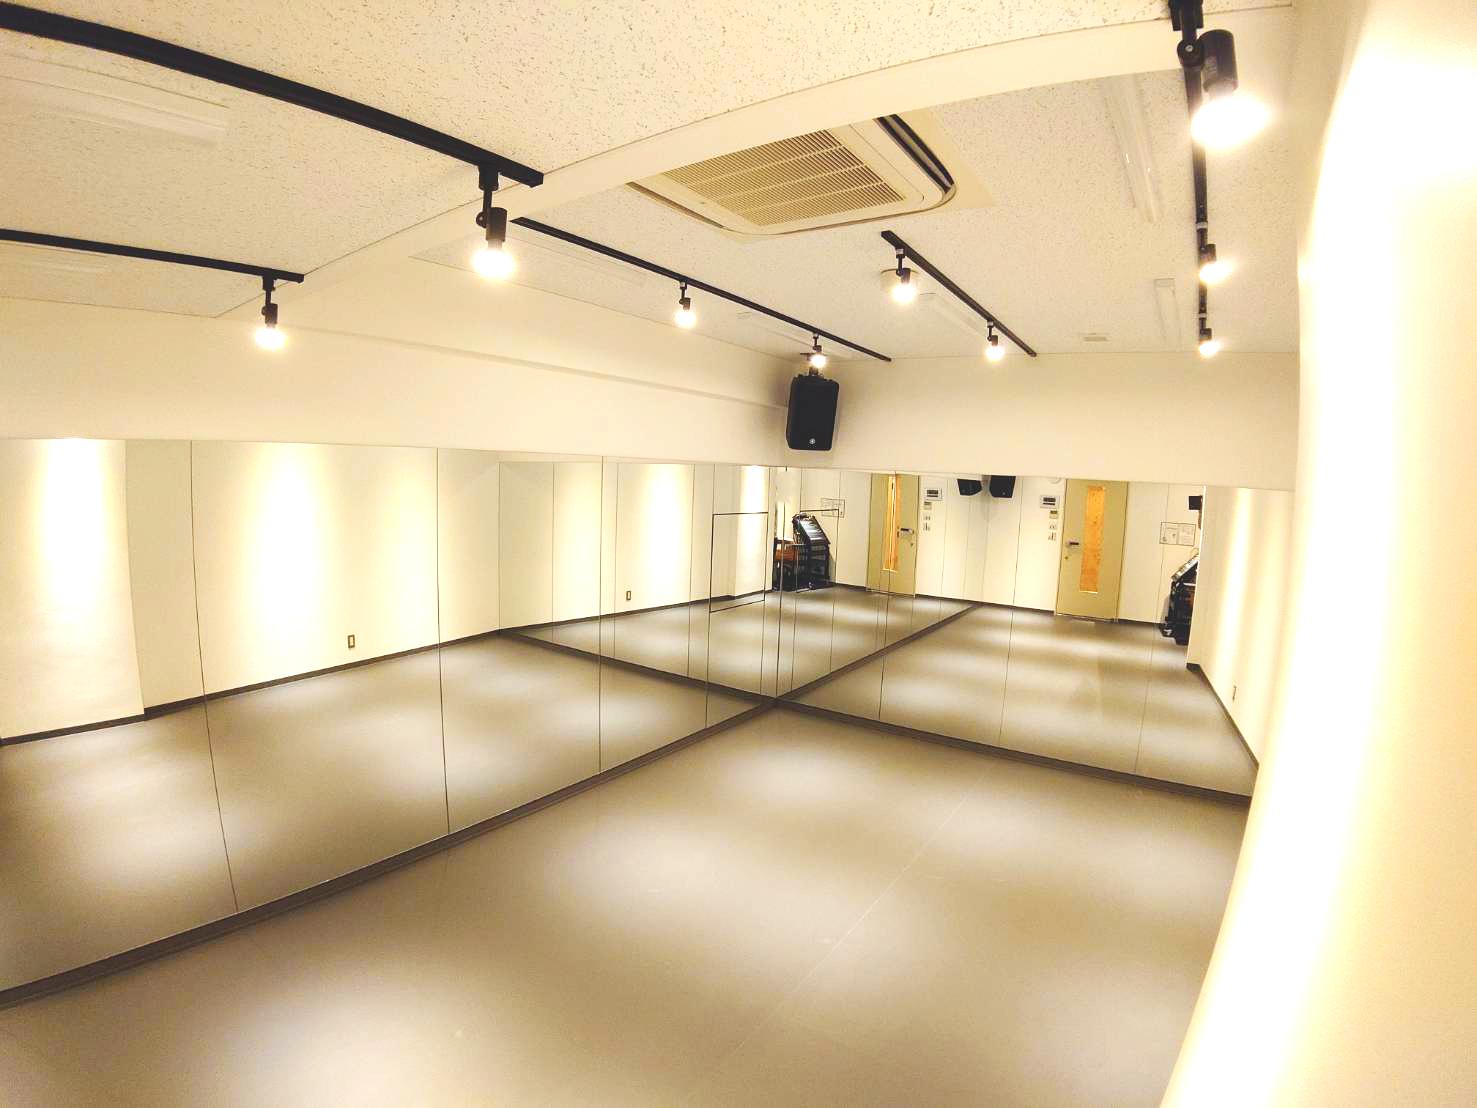 スタジオパックス 新松戸店 【初めての方限定】R7スタジオの室内の写真